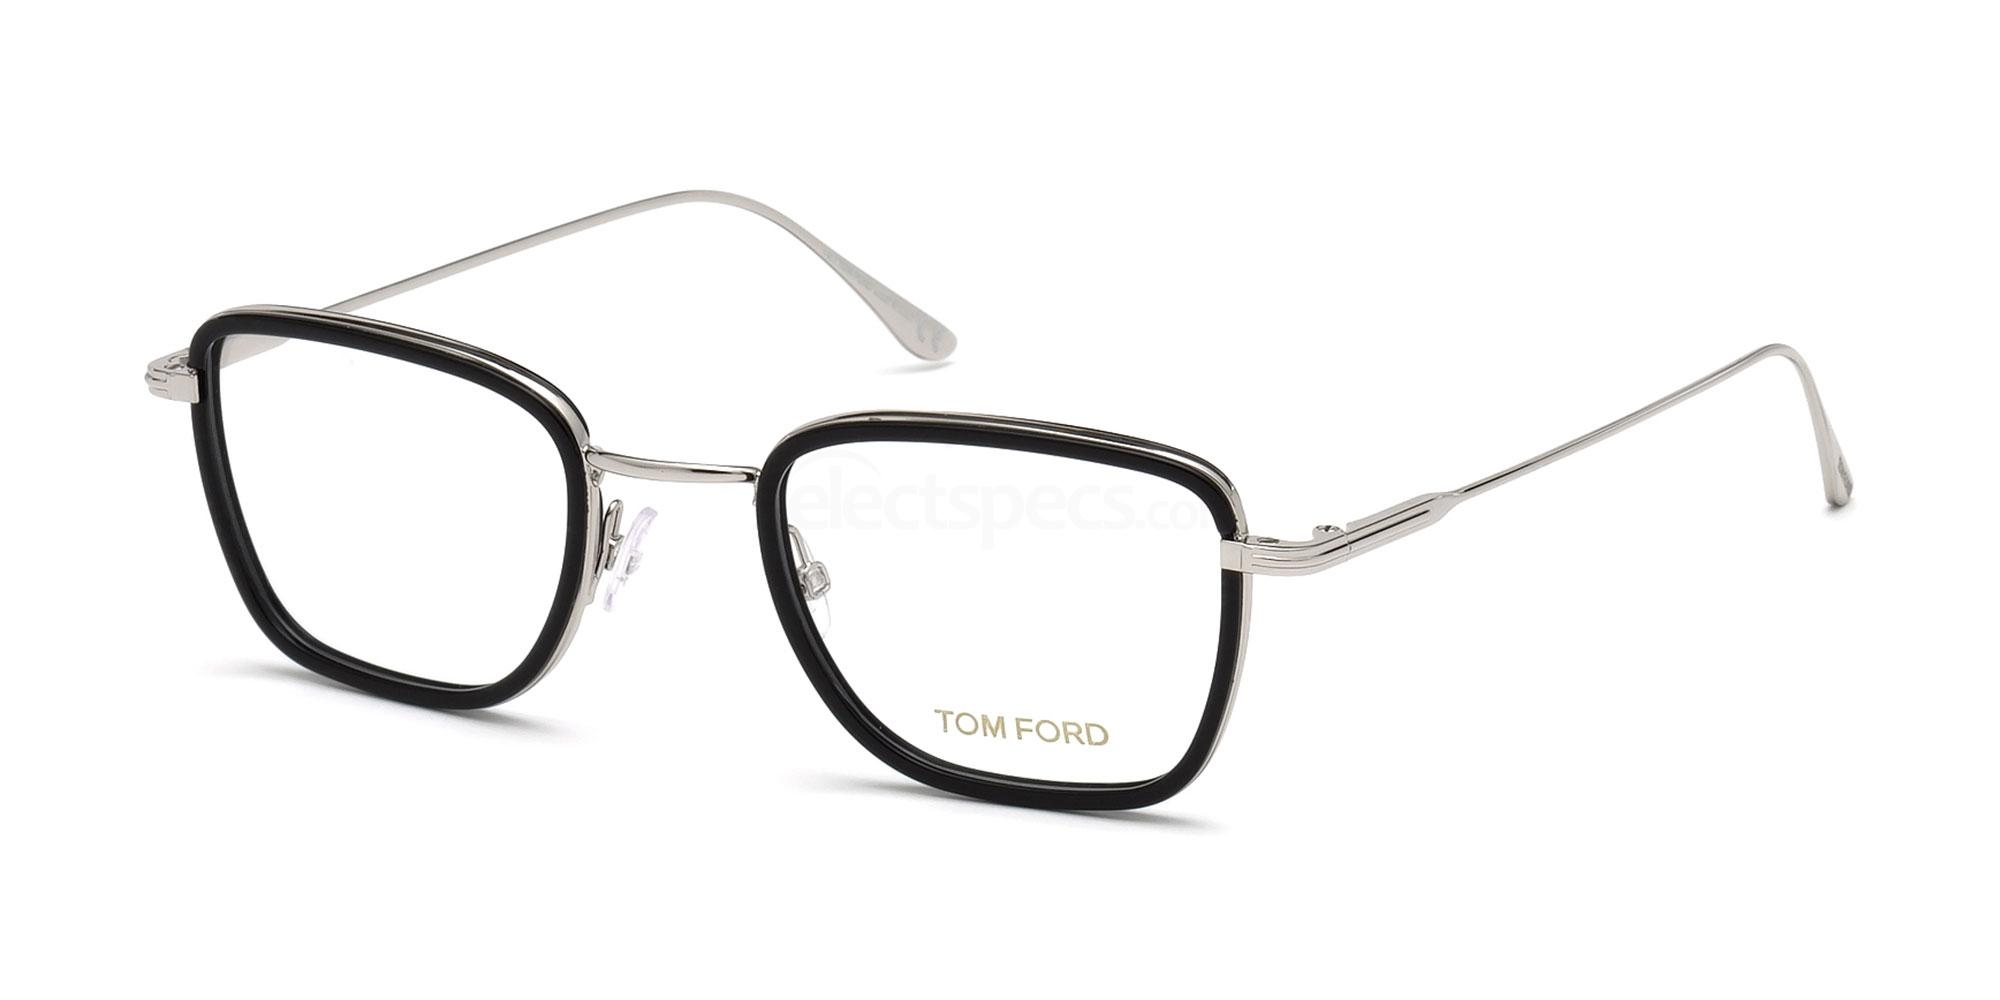 001 FT5522 Glasses, Tom Ford